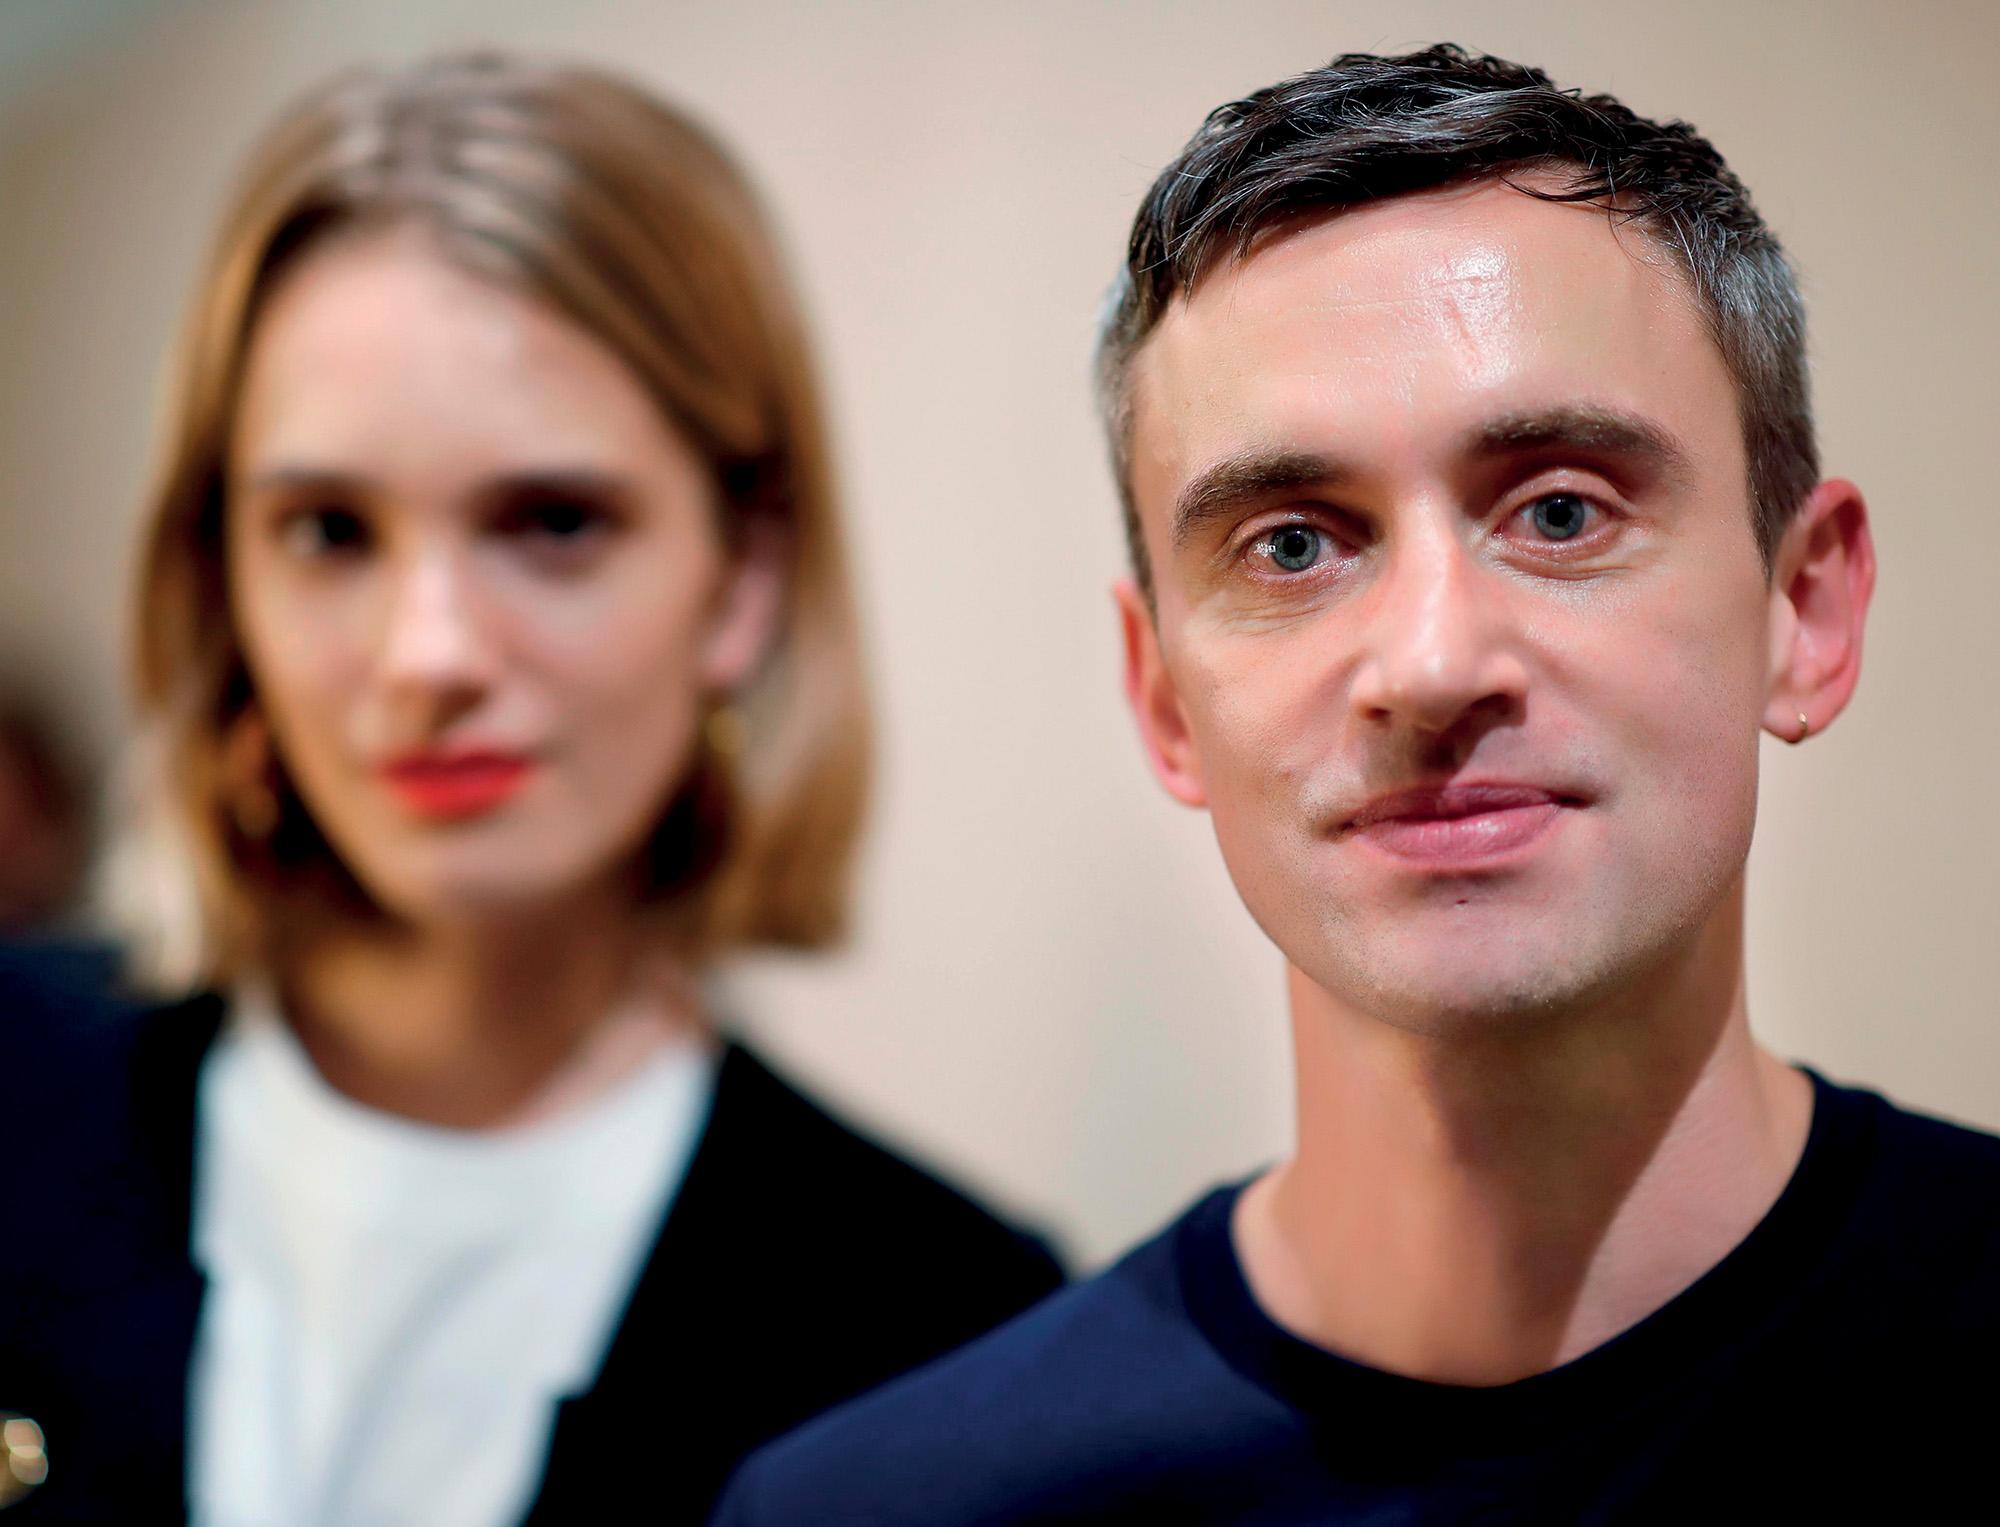 thời trang bền vững - 2 nhà thiết kế của thương hiệu Patou